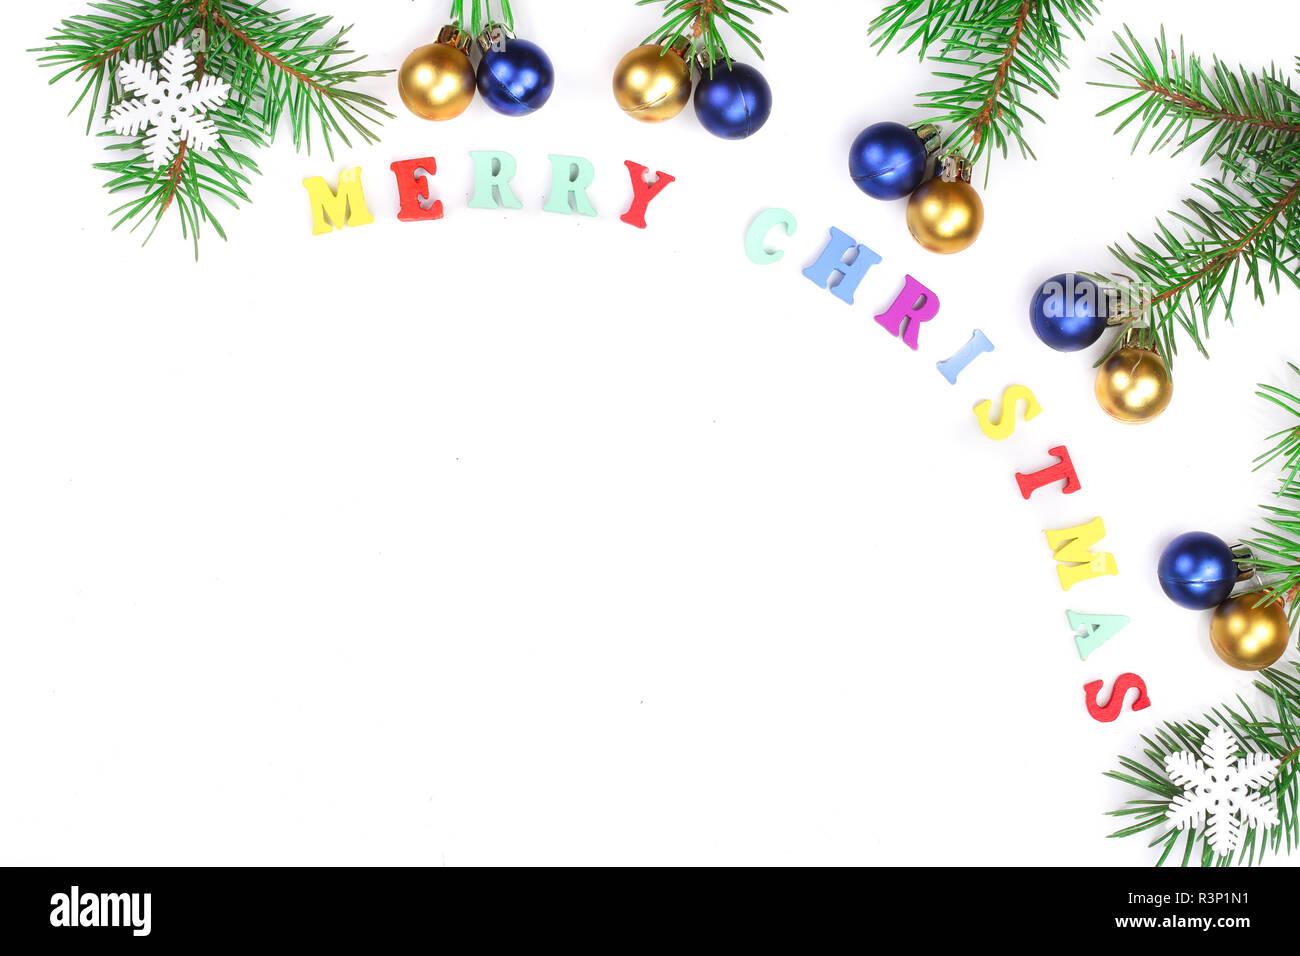 Frohe Weihnachten Rahmen.Frohe Weihnachten Beschreibung Im Rahmen Aus Tannenzweigen Auf